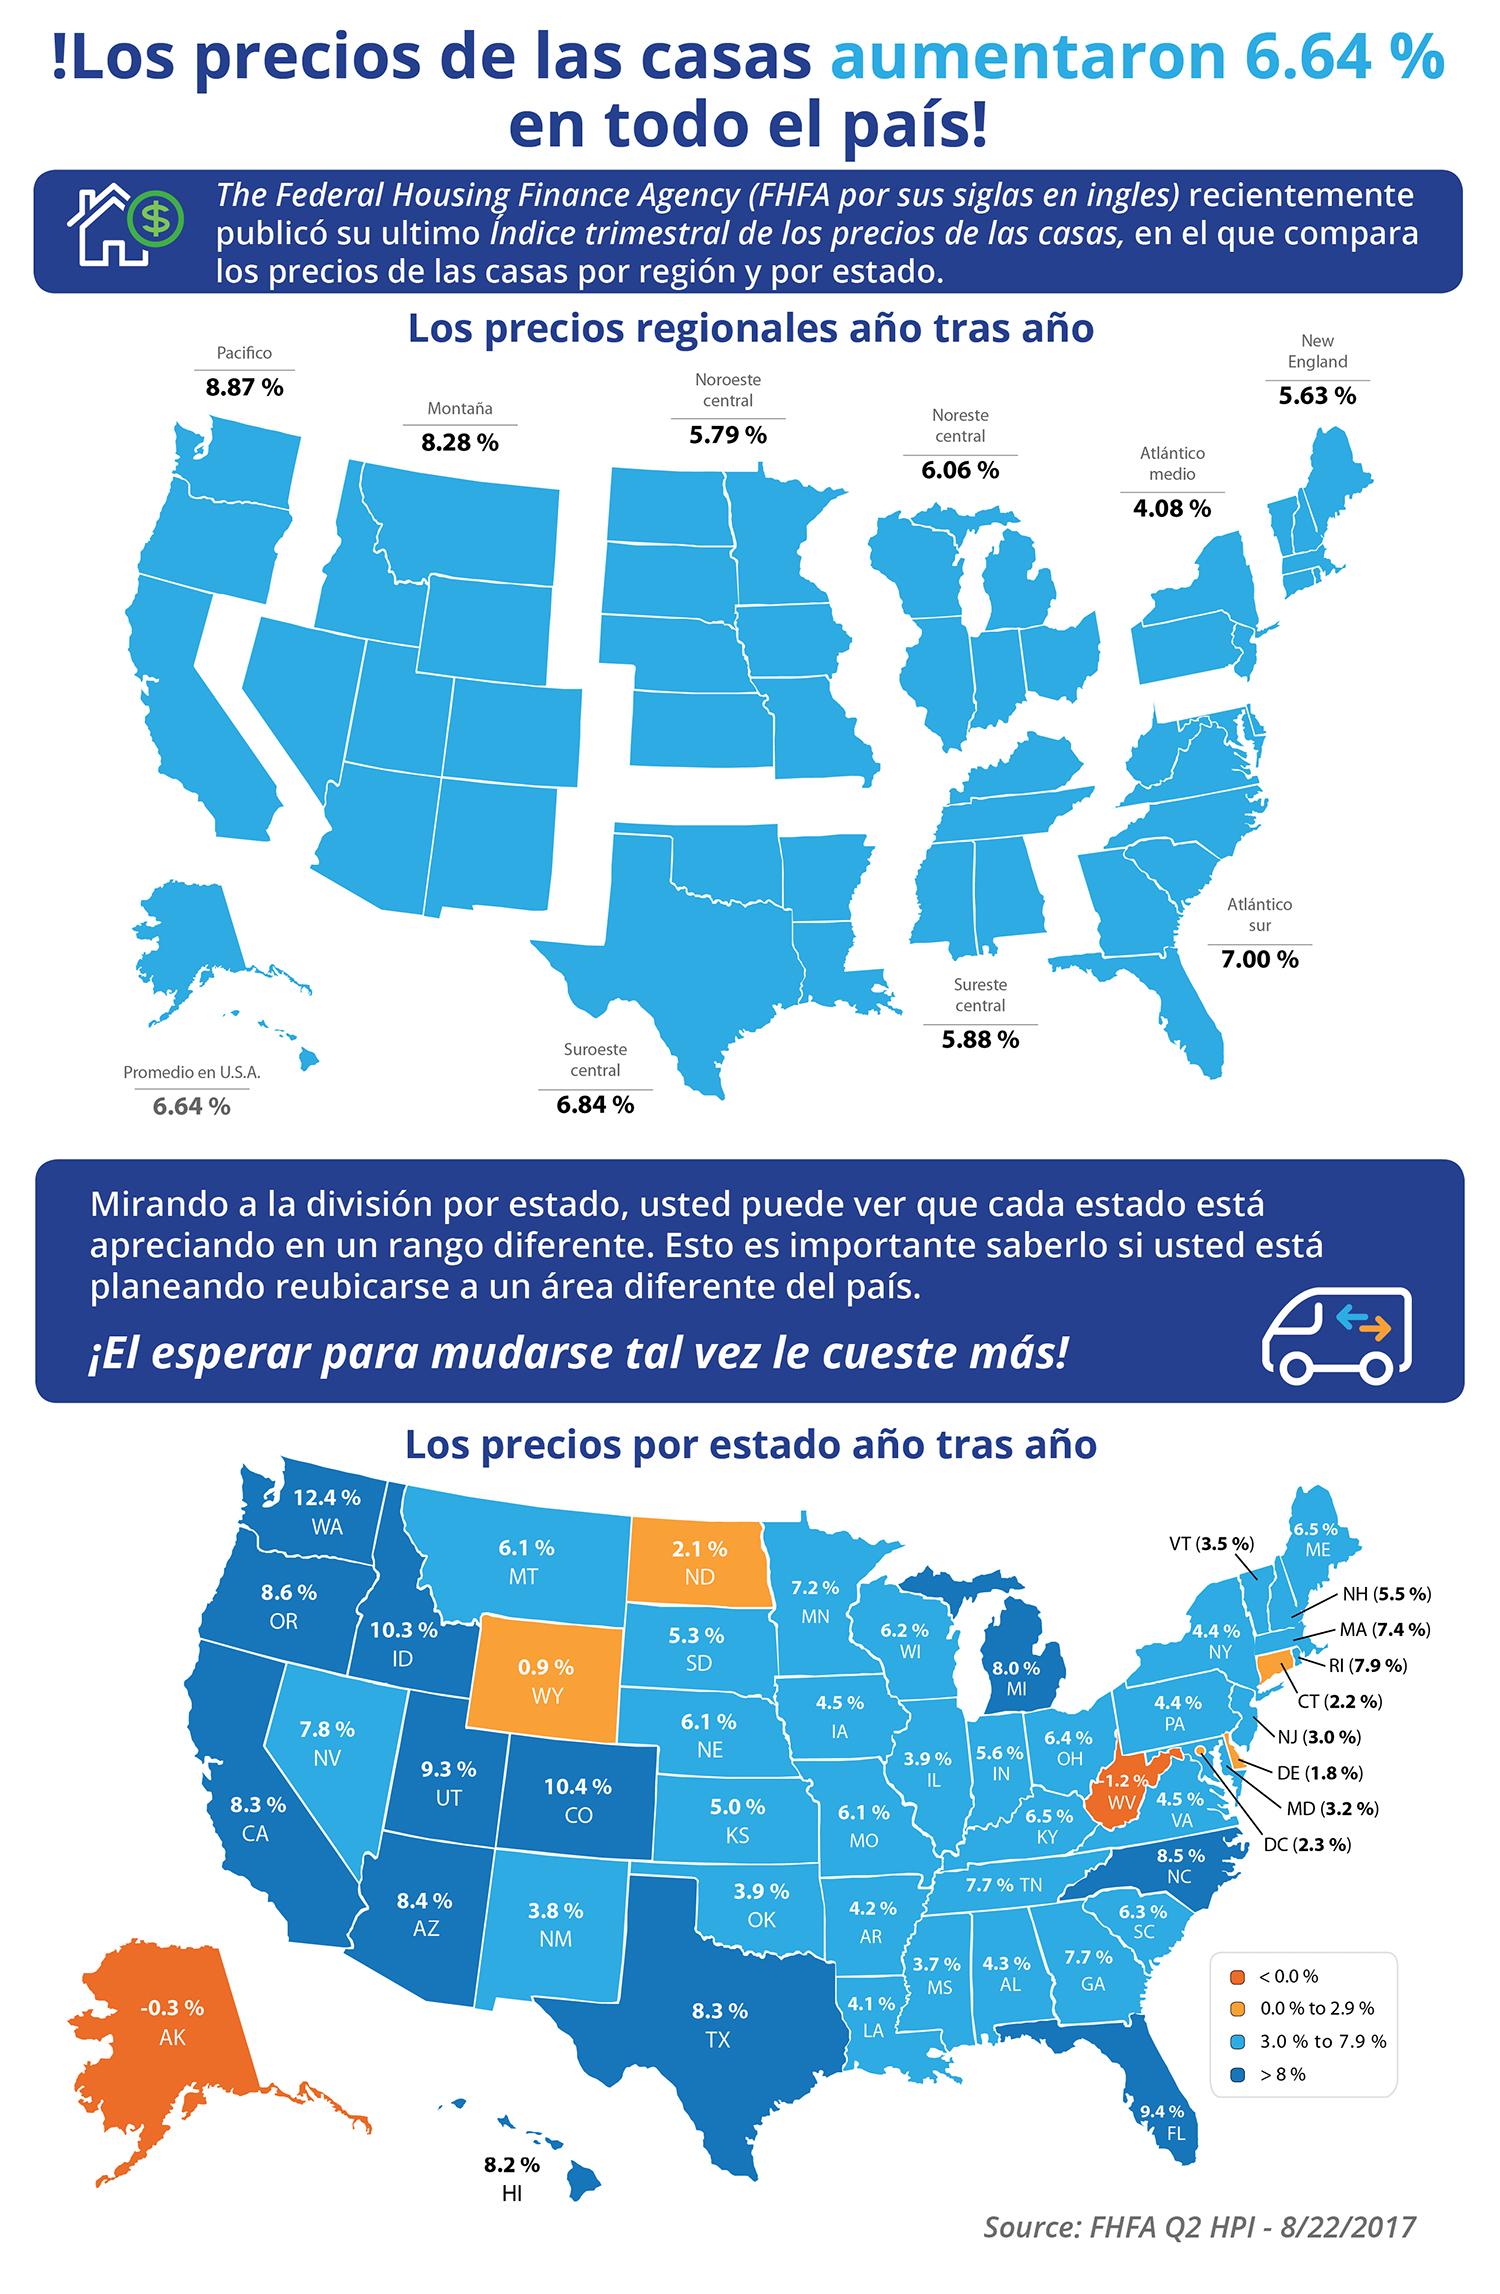 Los precios de las viviendas aumentaron 6.64 % a través del país [infografía] | Simplifying The Market